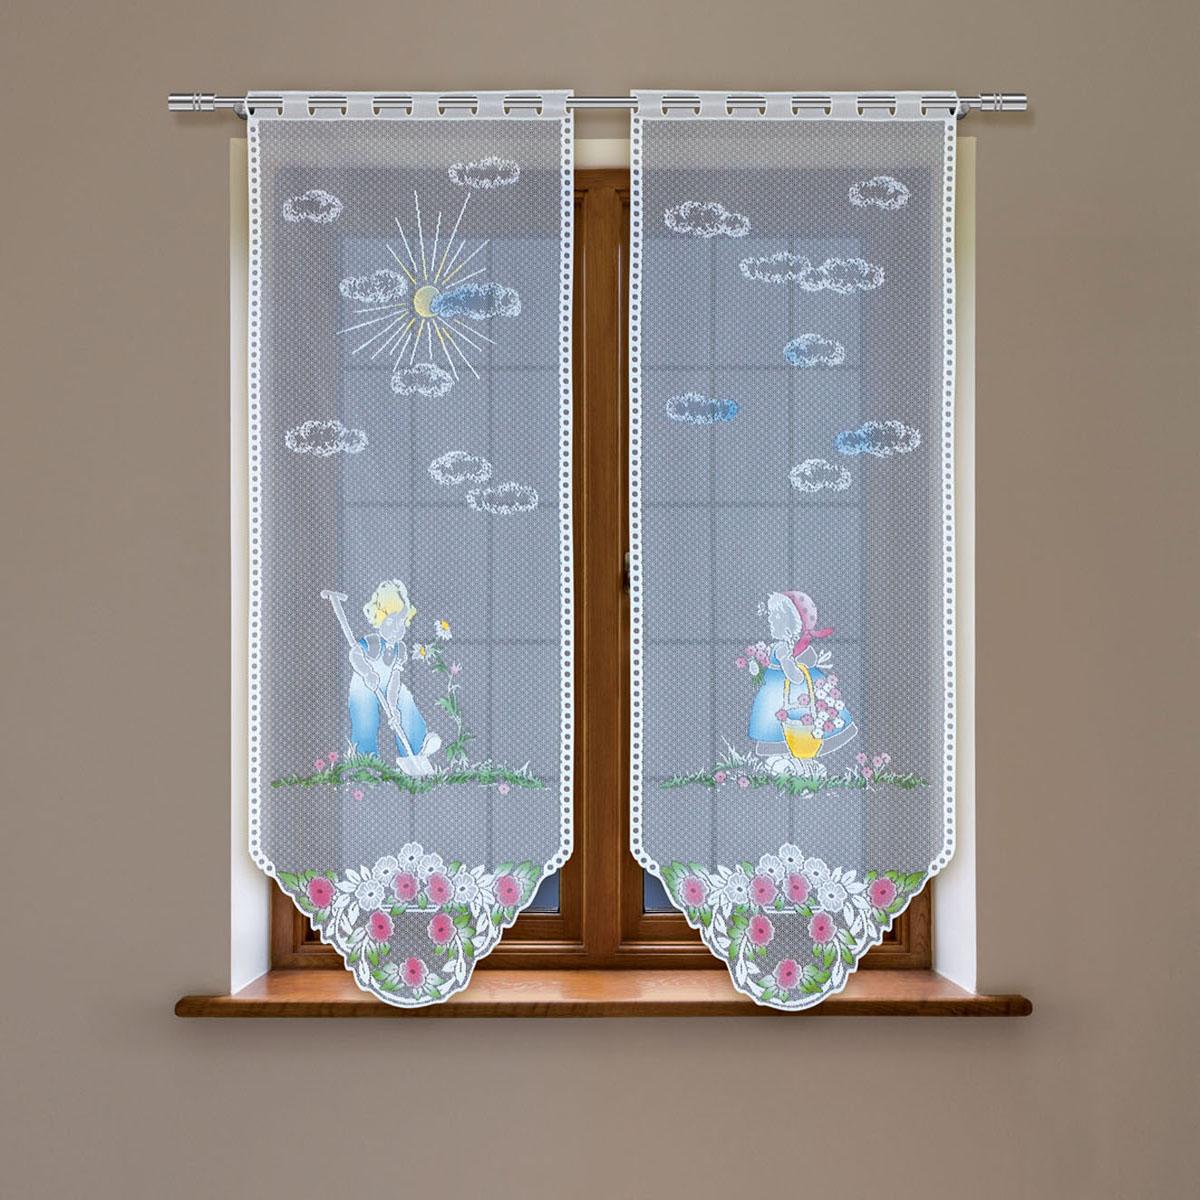 Гардина Haft, цвет: белый, высота 220 см. 4244Е/604244Е/60Гардина имеет в верхней части полотна прорези, через которые гардина-витраж вывешивается на карниз или можно крепить на зажим для штор,котрый в комплект не входит.Комплект состоит из двух полотен (выс.220* шир.60) Размеры: (высота 220* ширина 60)*2